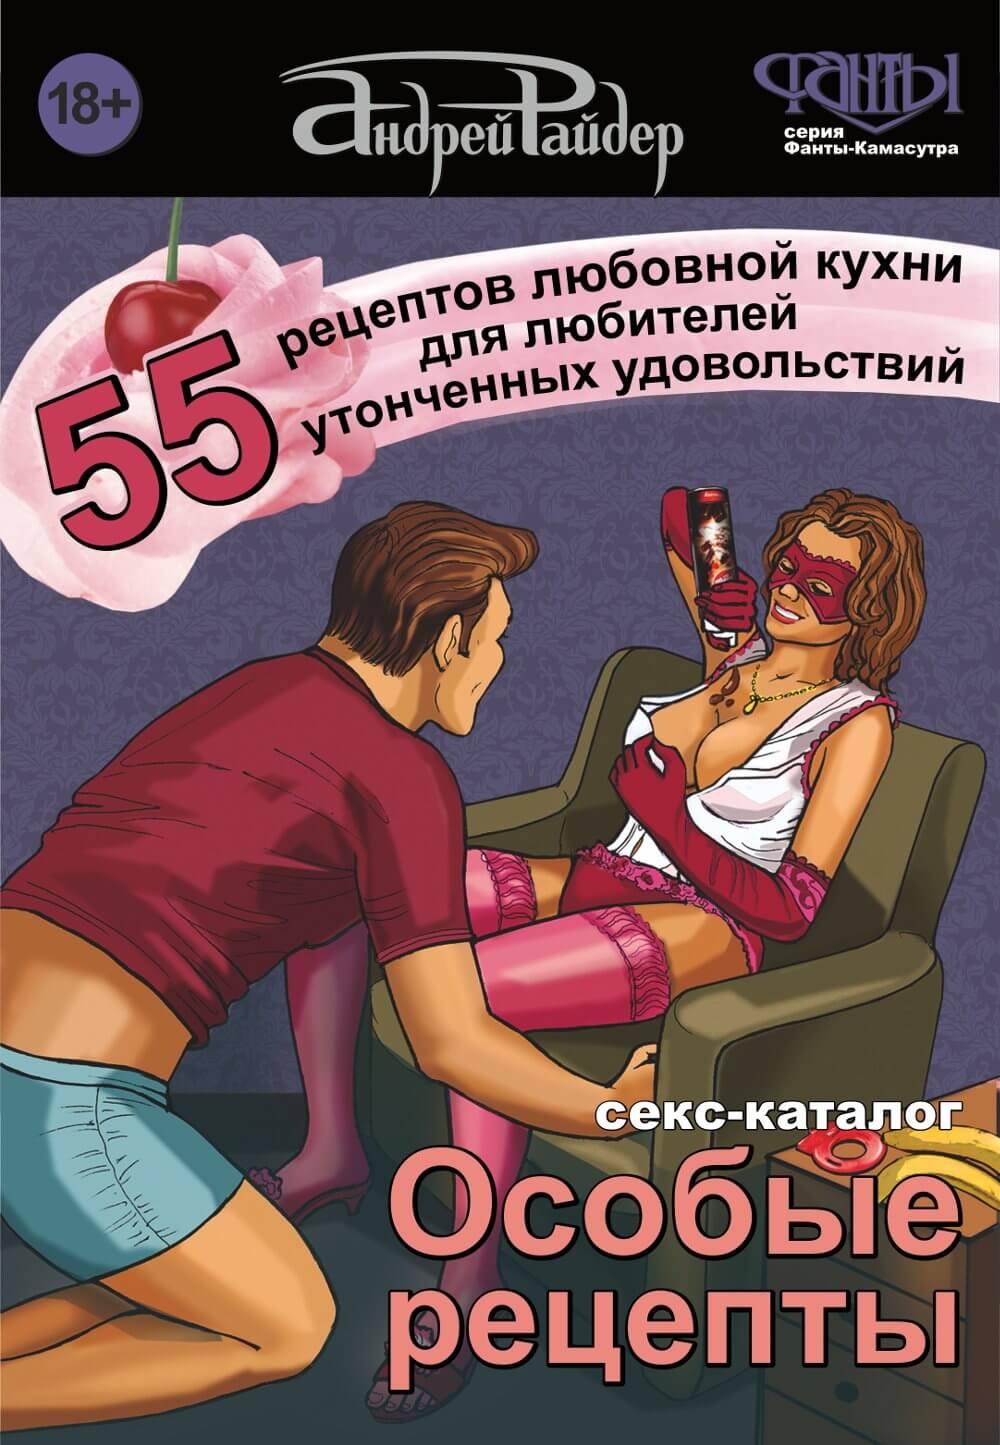 Смотреть порно фанты НОРМАЛЬНО